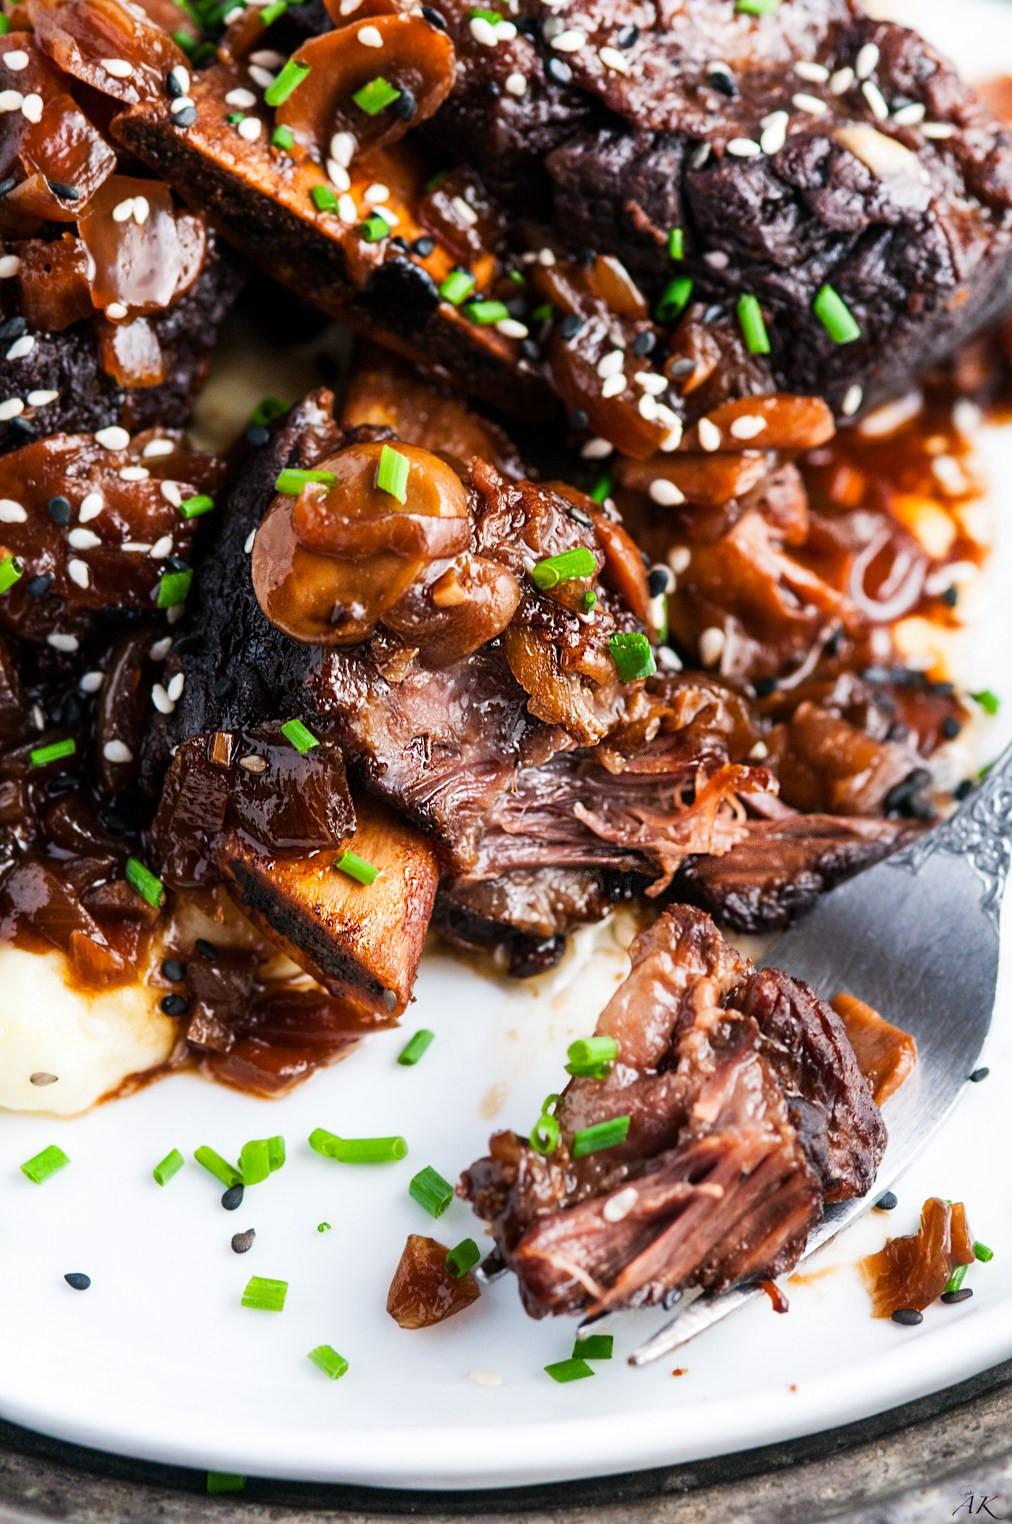 Crockpot Beef Short Ribs  Crockpot Chocolate Stout Beef Short Ribs Aberdeen s Kitchen